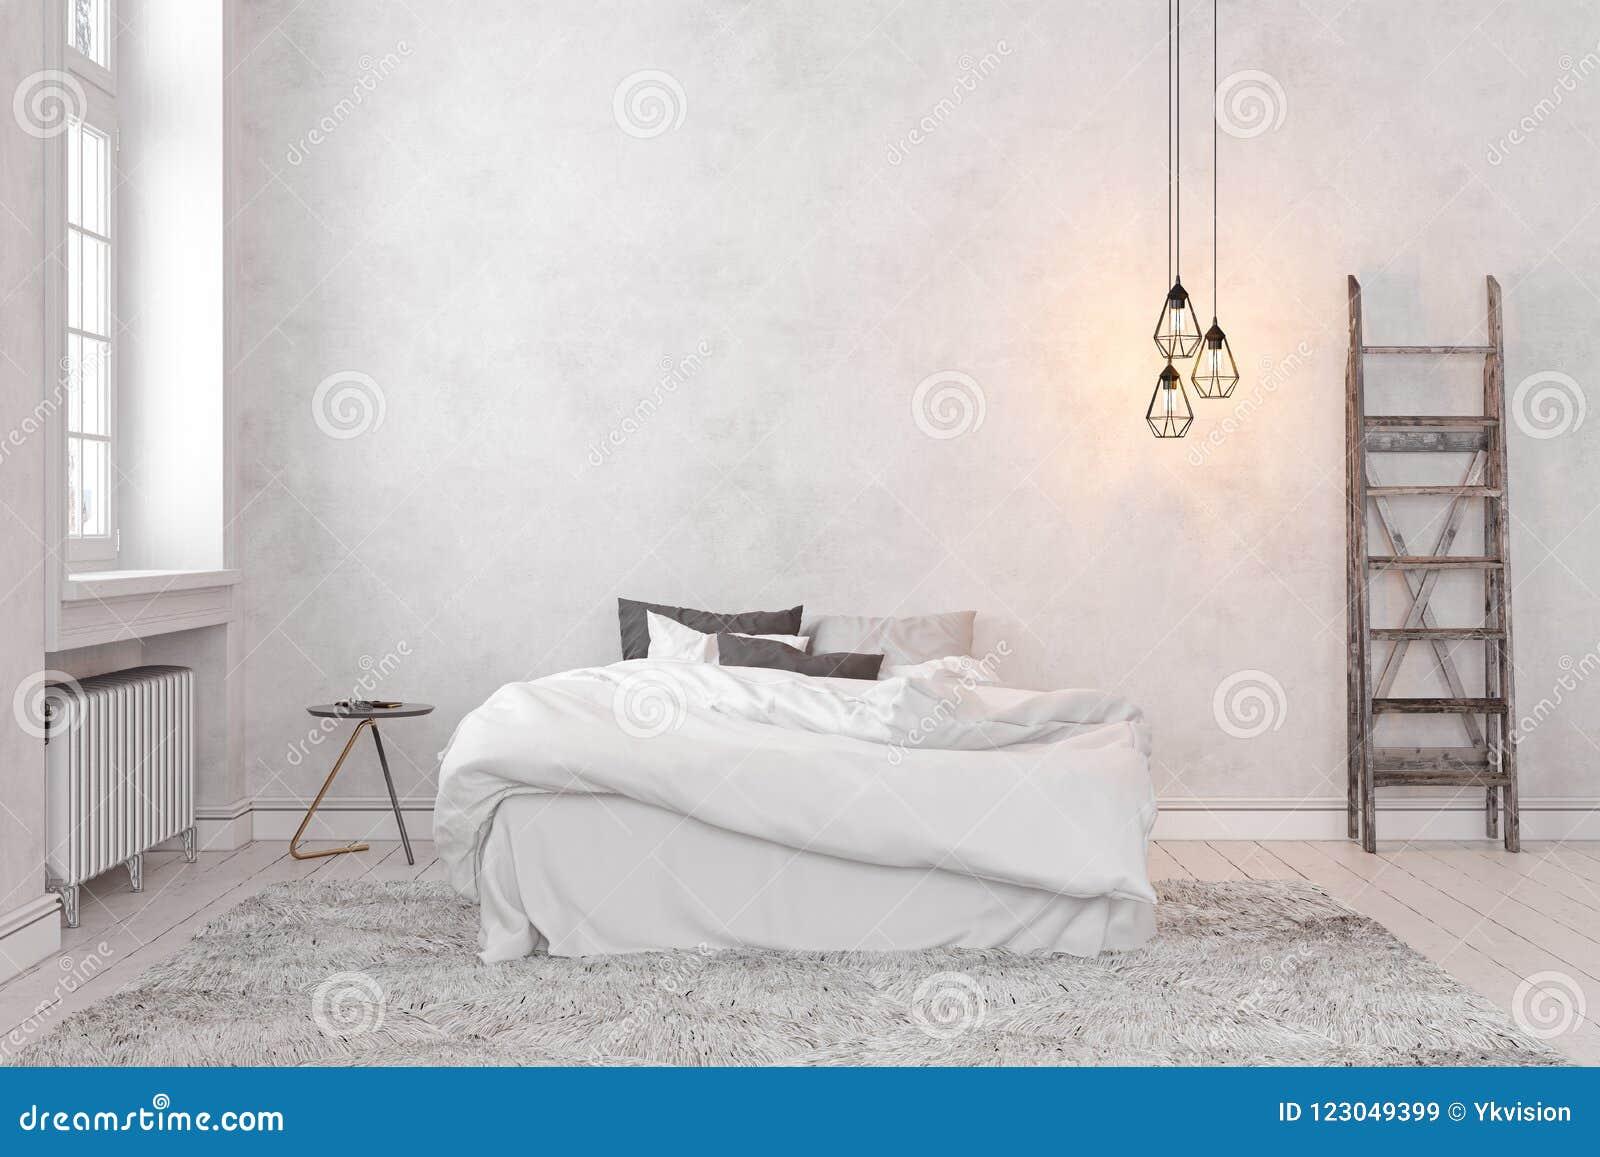 Scandinavian, loft interior empty white bedroom.